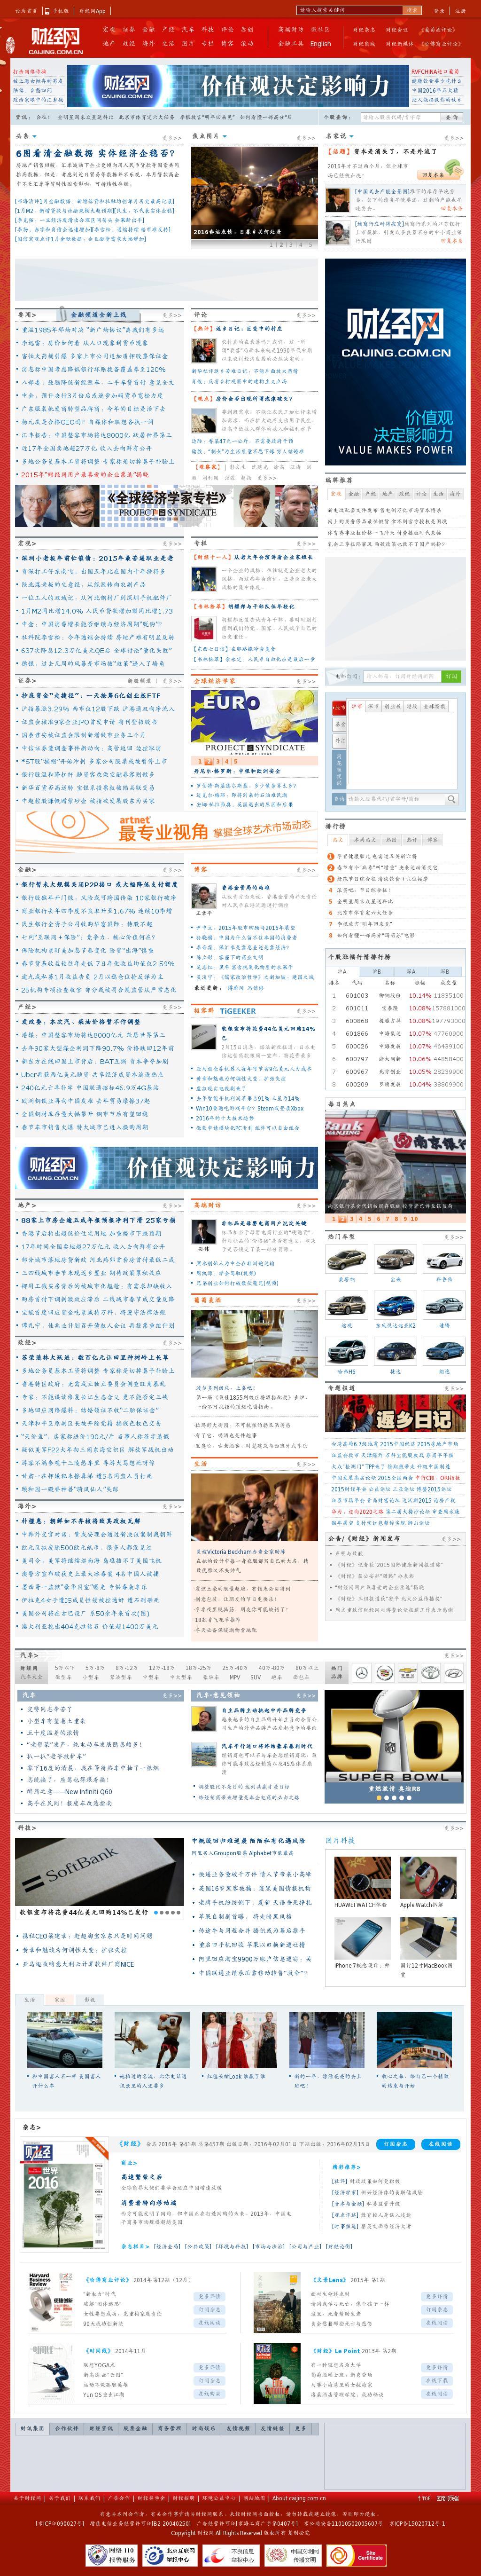 Caijing at Tuesday Feb. 16, 2016, 9:02 p.m. UTC